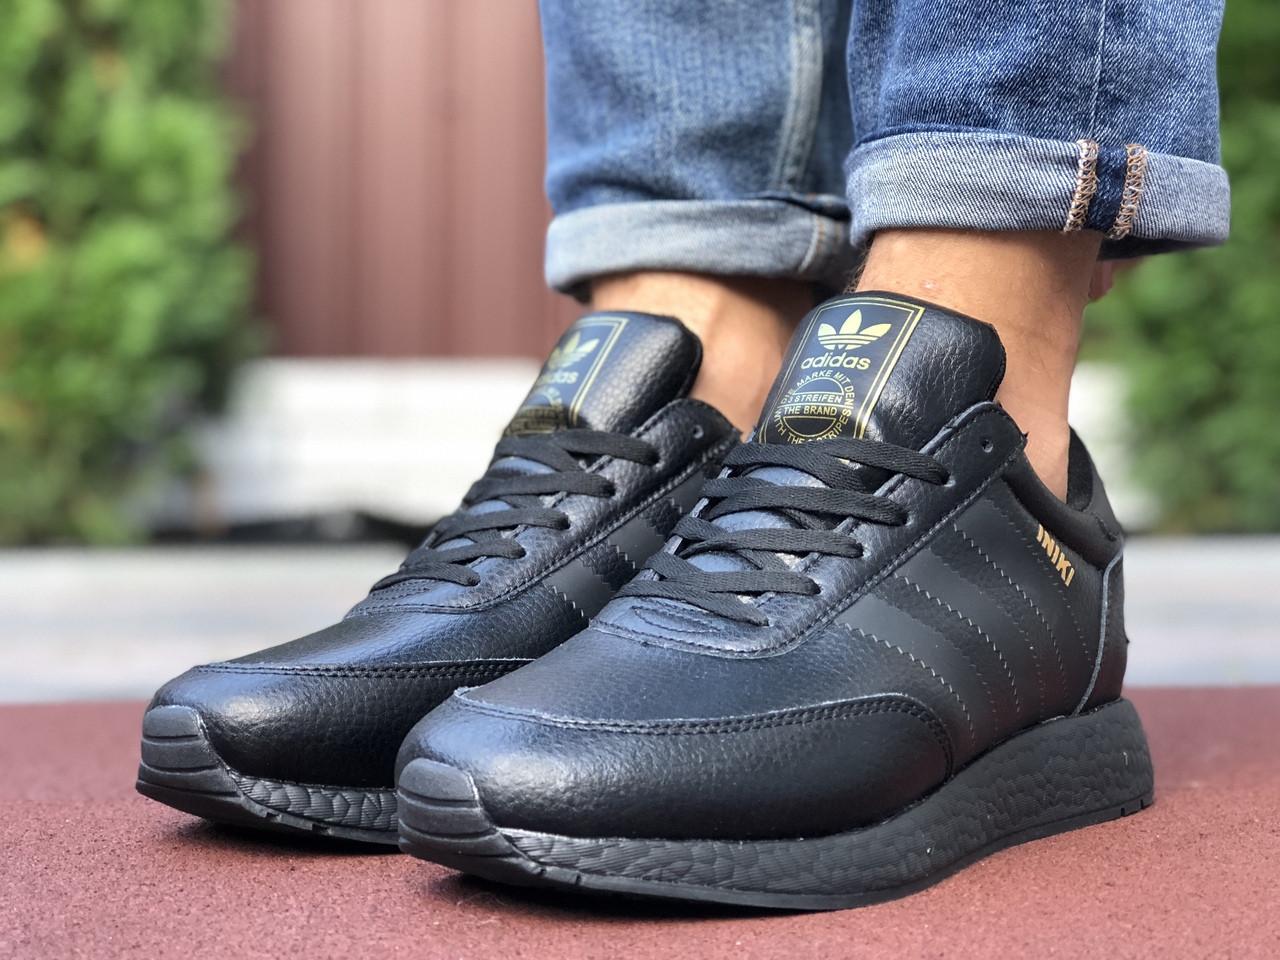 Adidas Iniki мужские зимние  черные кроссовки на шнурках 42